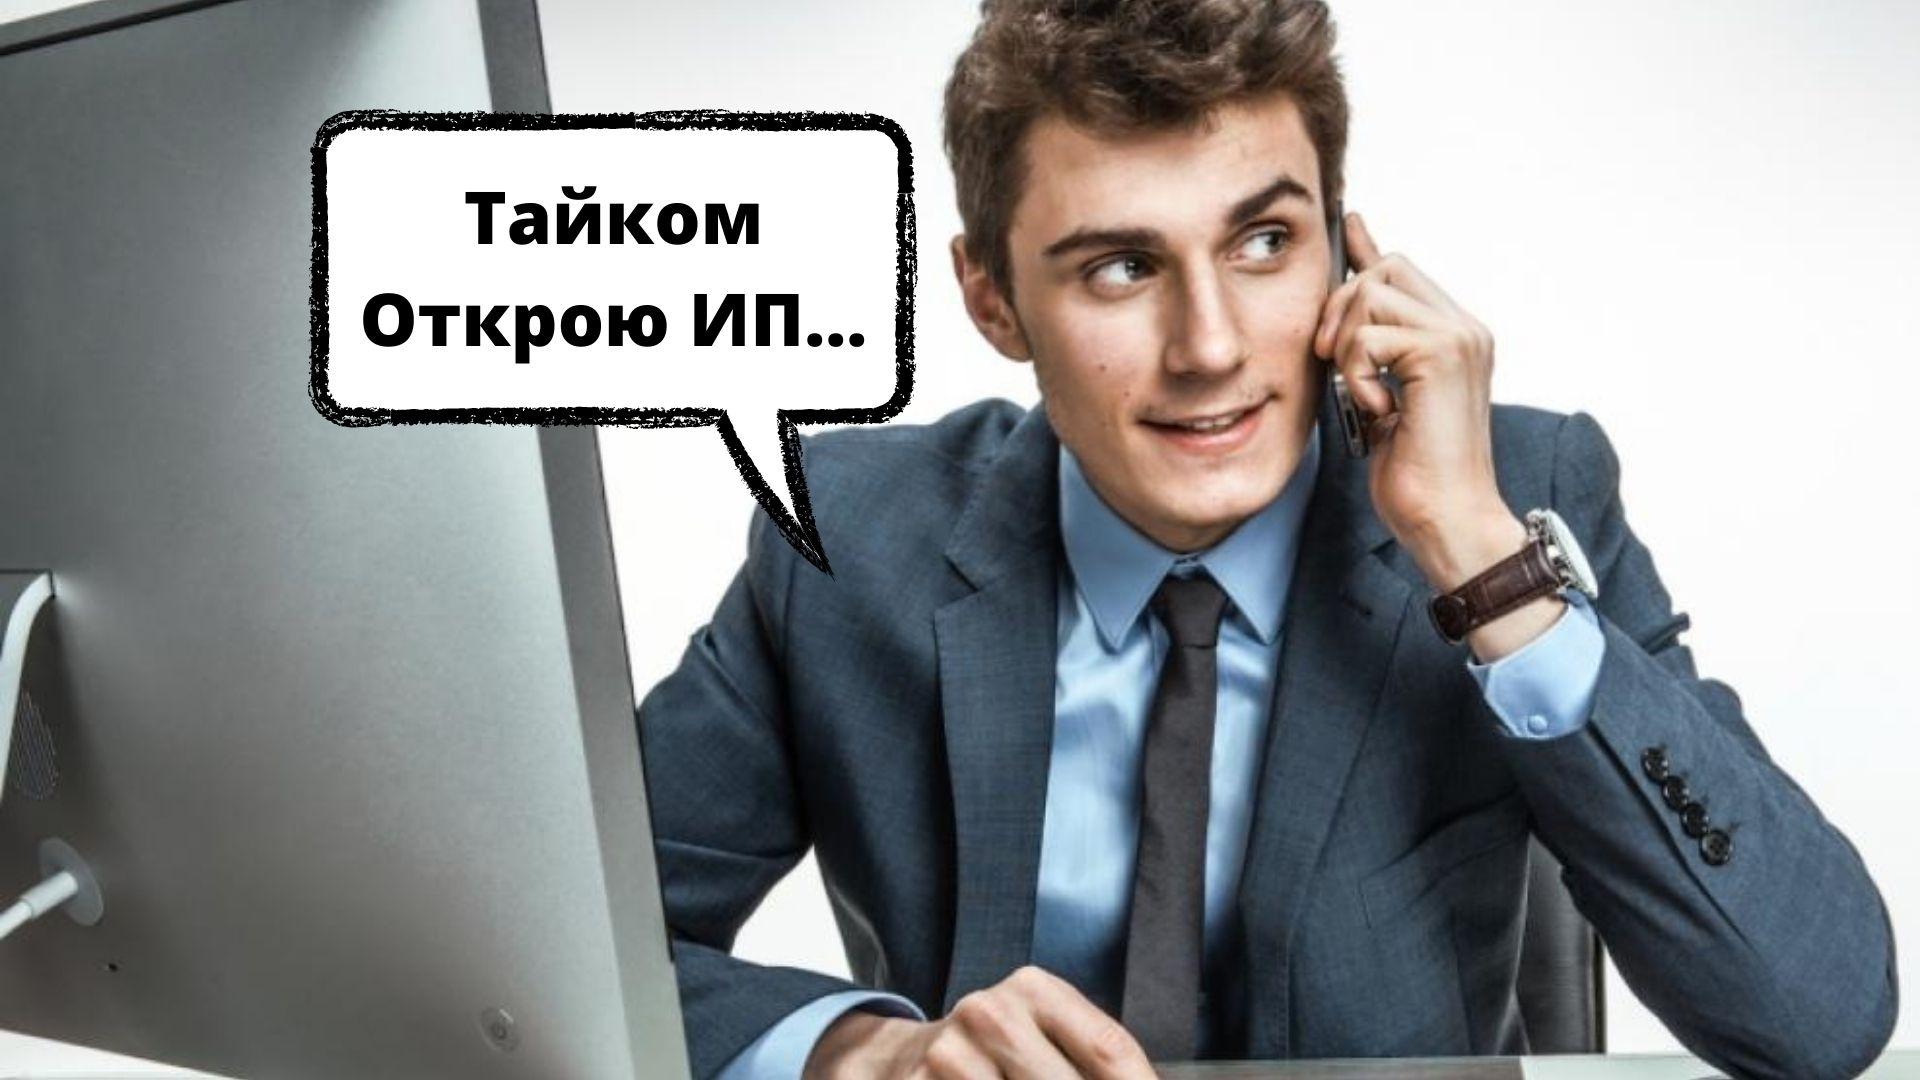 Открыть ИП | Можно ли если работаешь официально | Банк Тинькофф